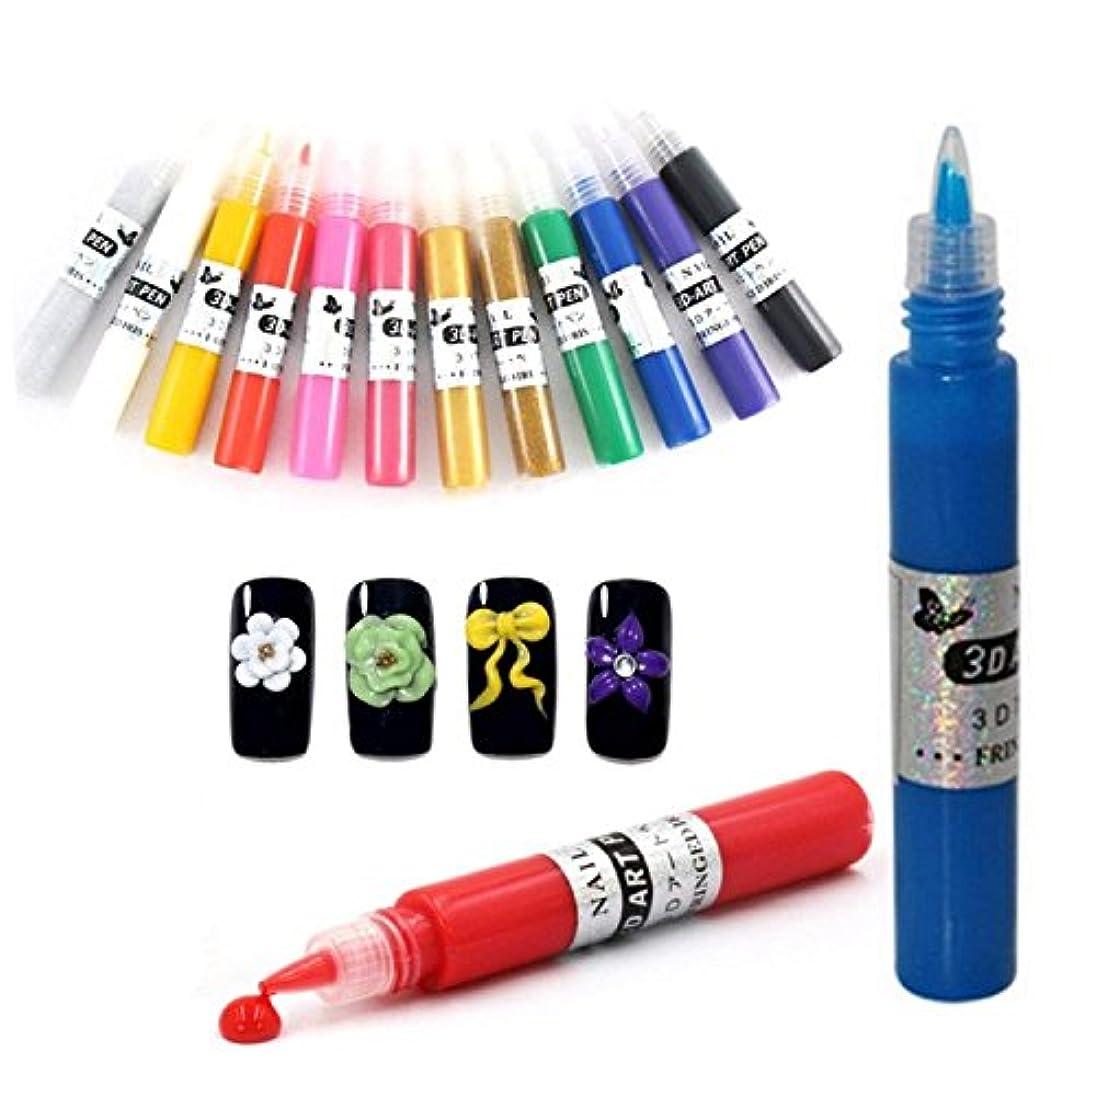 赤行商達成するネイルアートペン  3Dネイルアートペン ネイルマニキュア液 ペイントペン DIY 12色